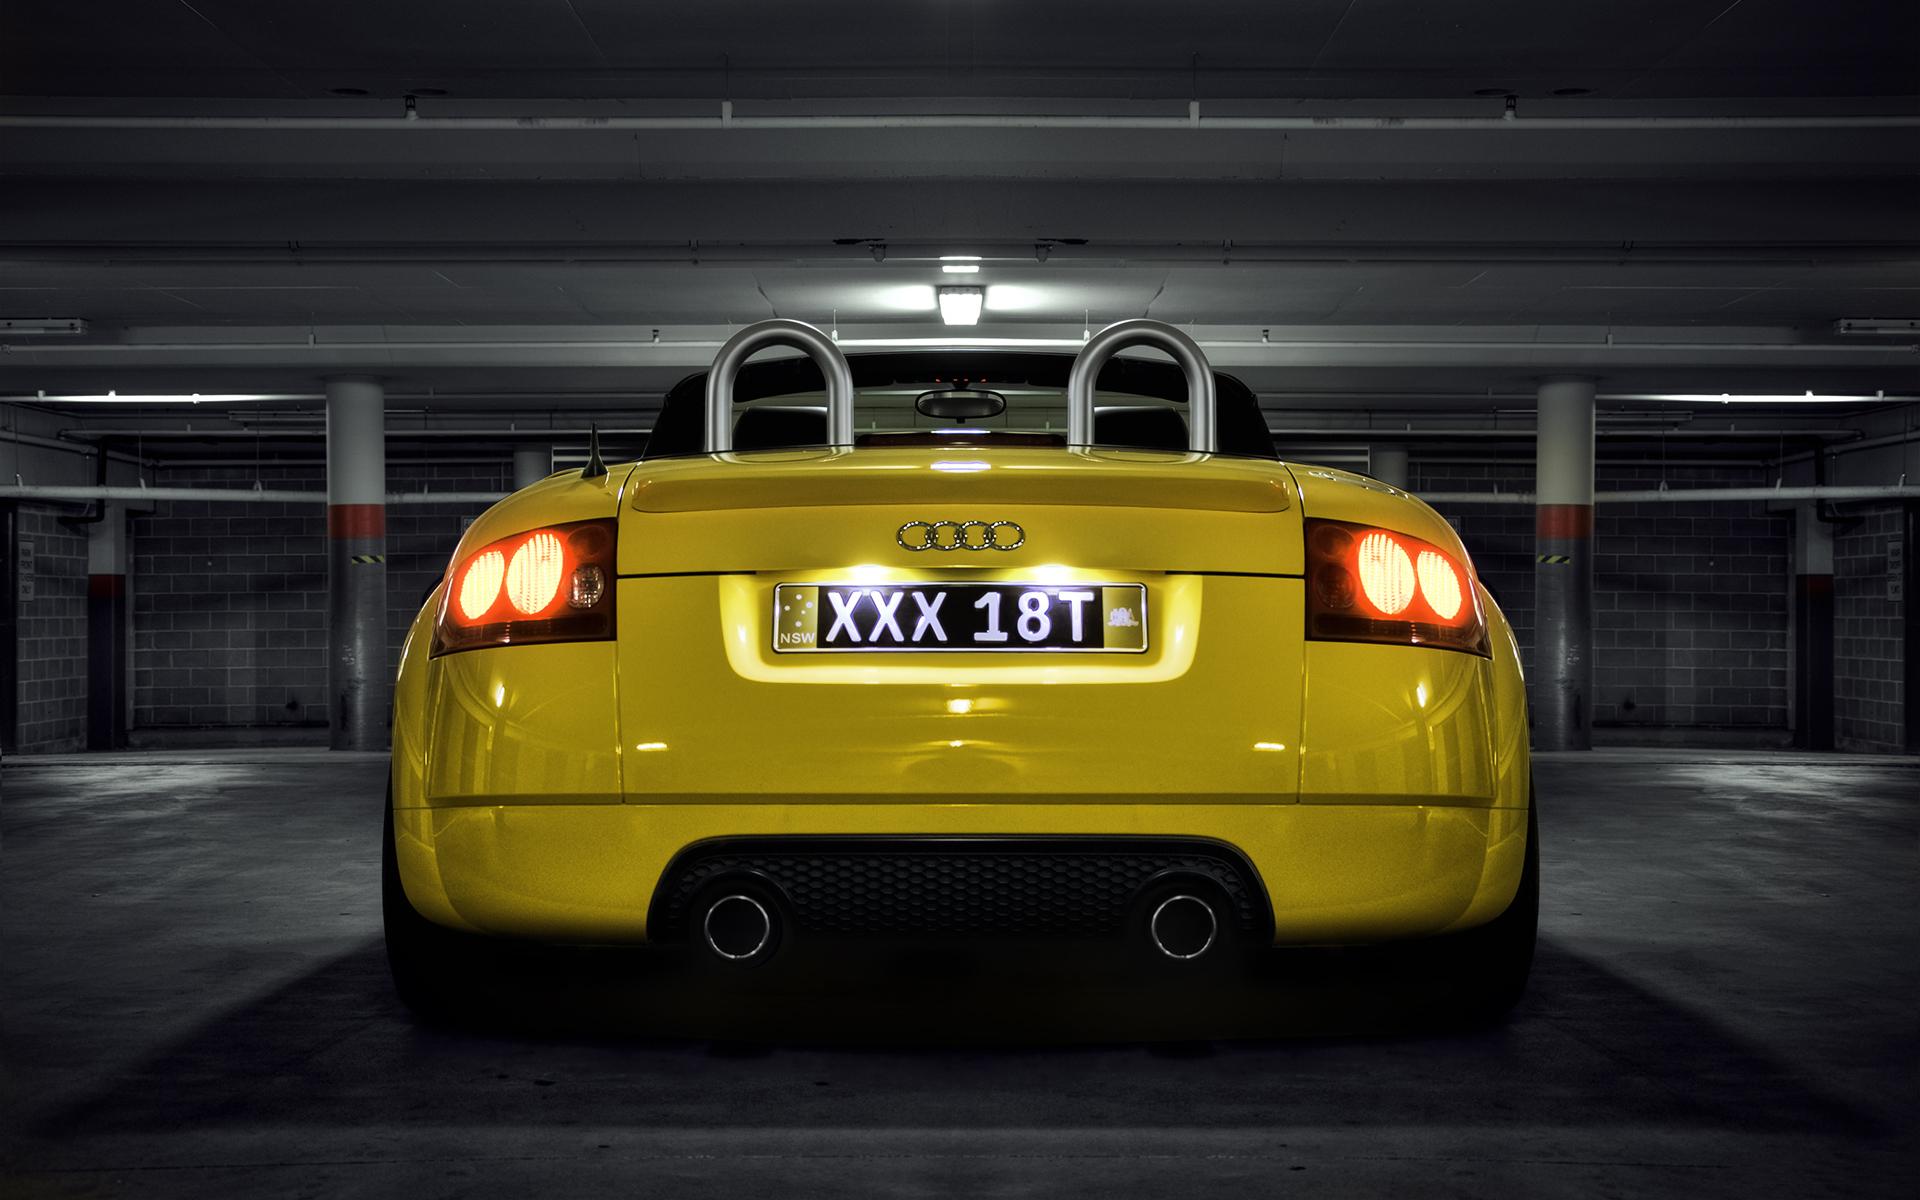 Audi TT Mk1 HD Wallpaper Background Image 1920x1200 ID 1920x1200